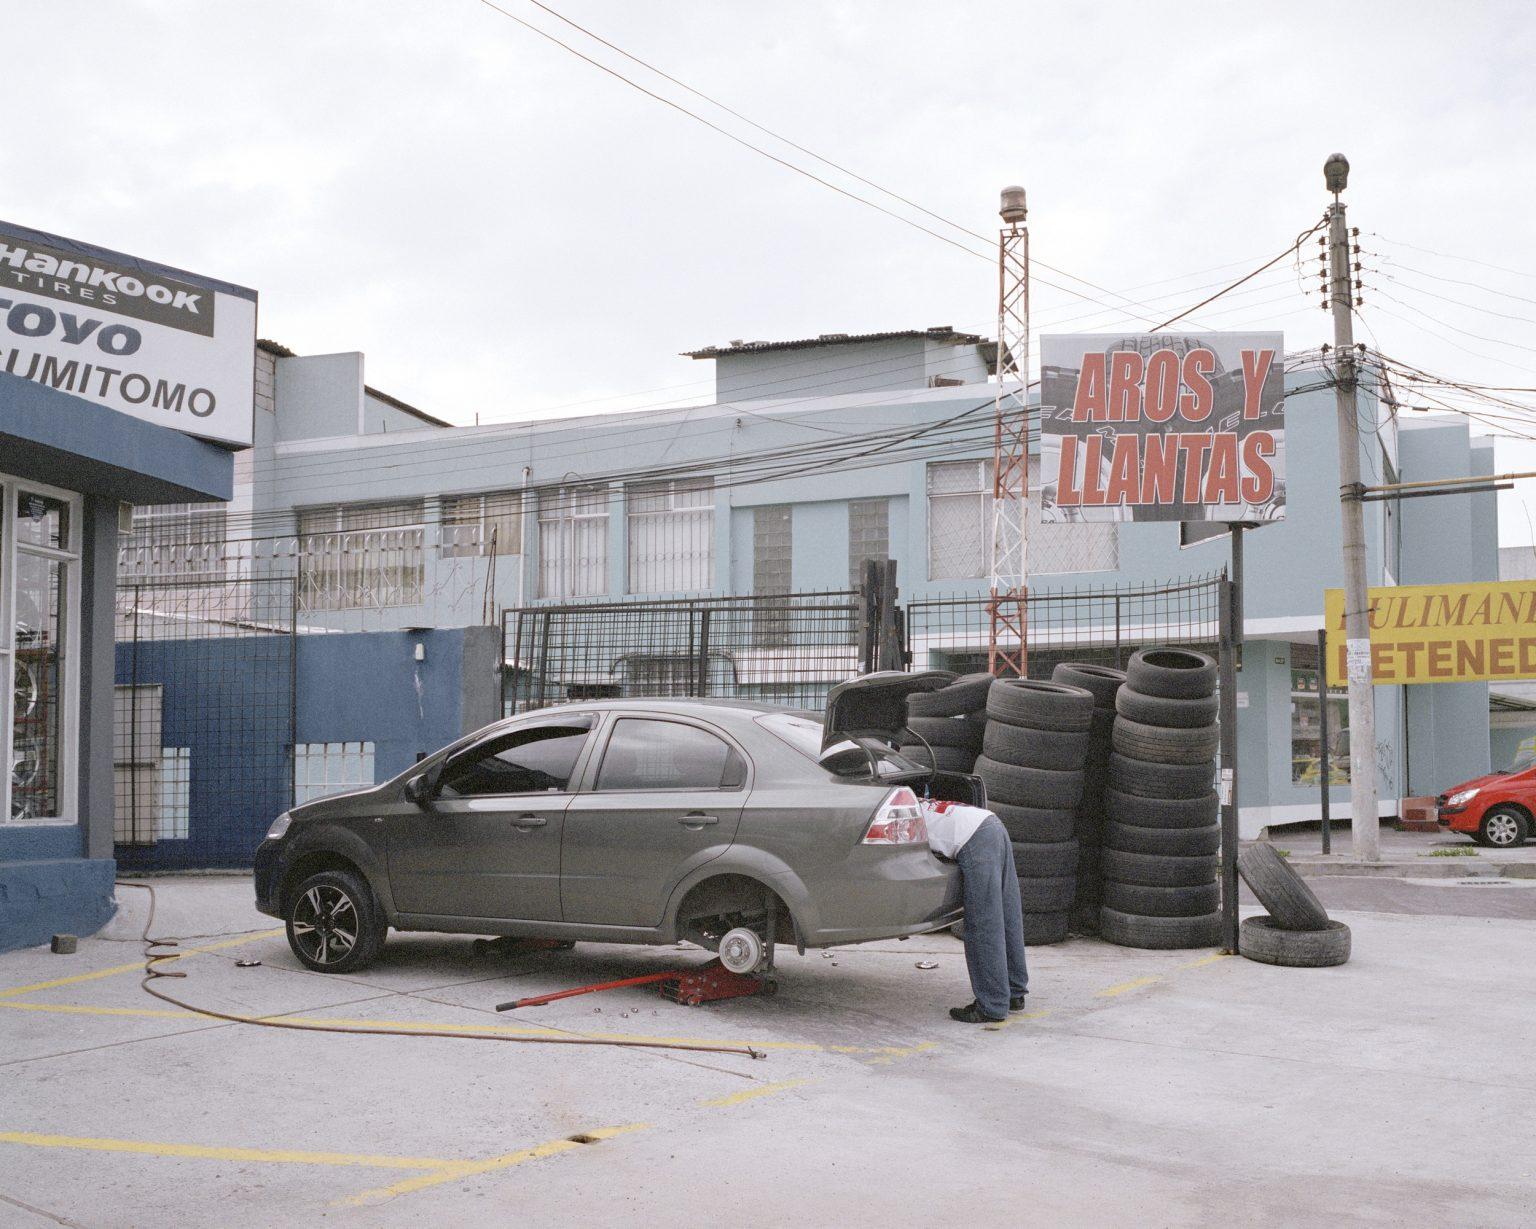 Un meccanico nelle periferie nord di Quito. Marzo 2013.  A mechanic in the suburbs north of Quito. March 2013.